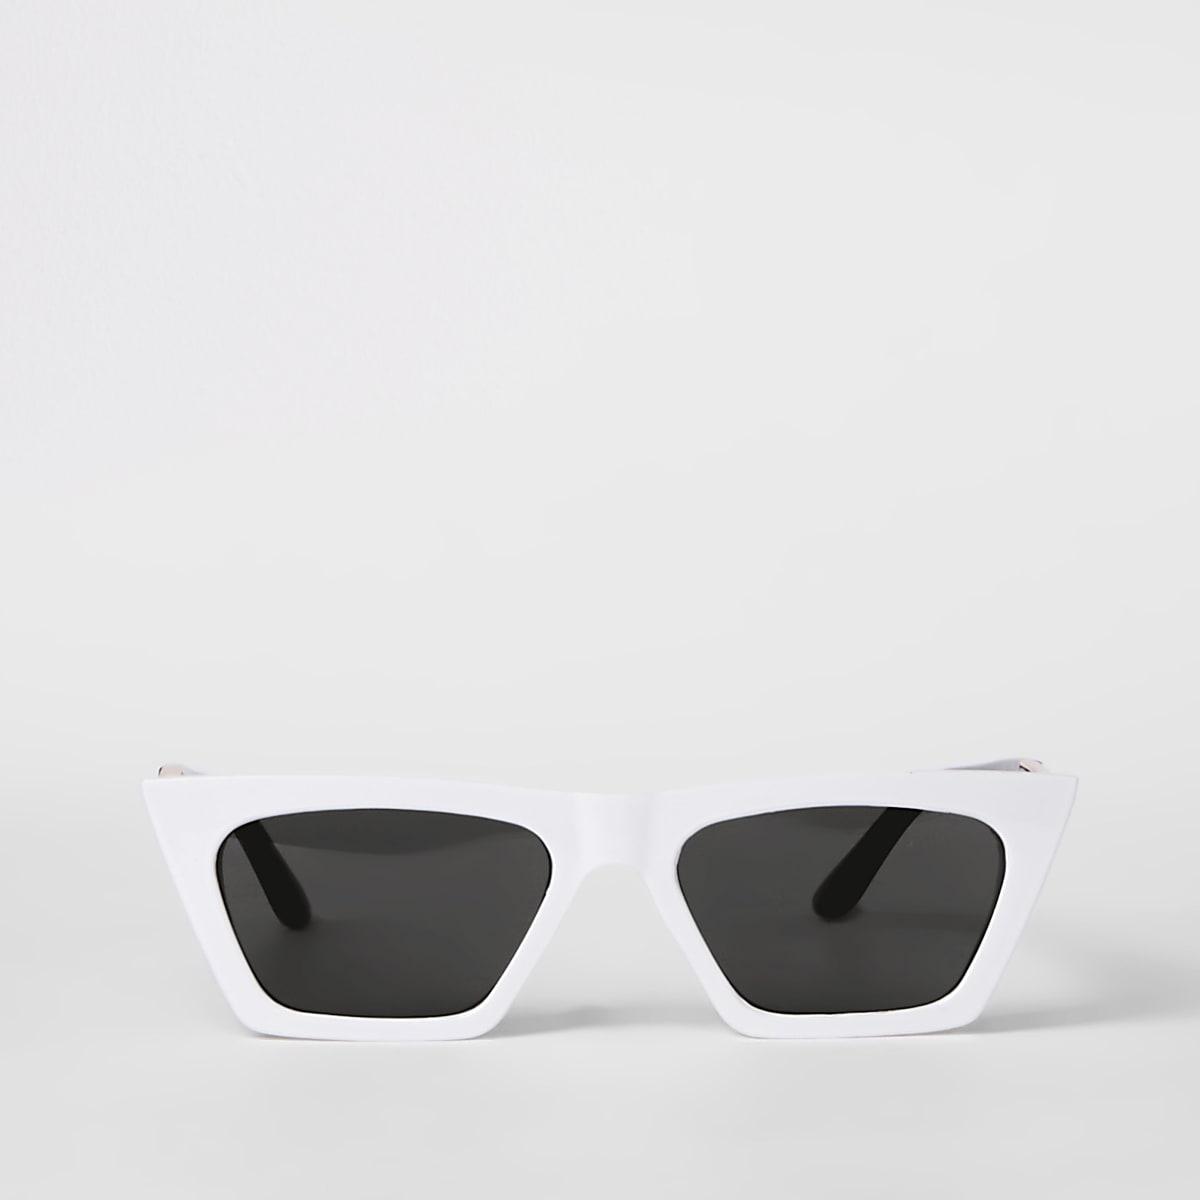 White slim visor sunglasses